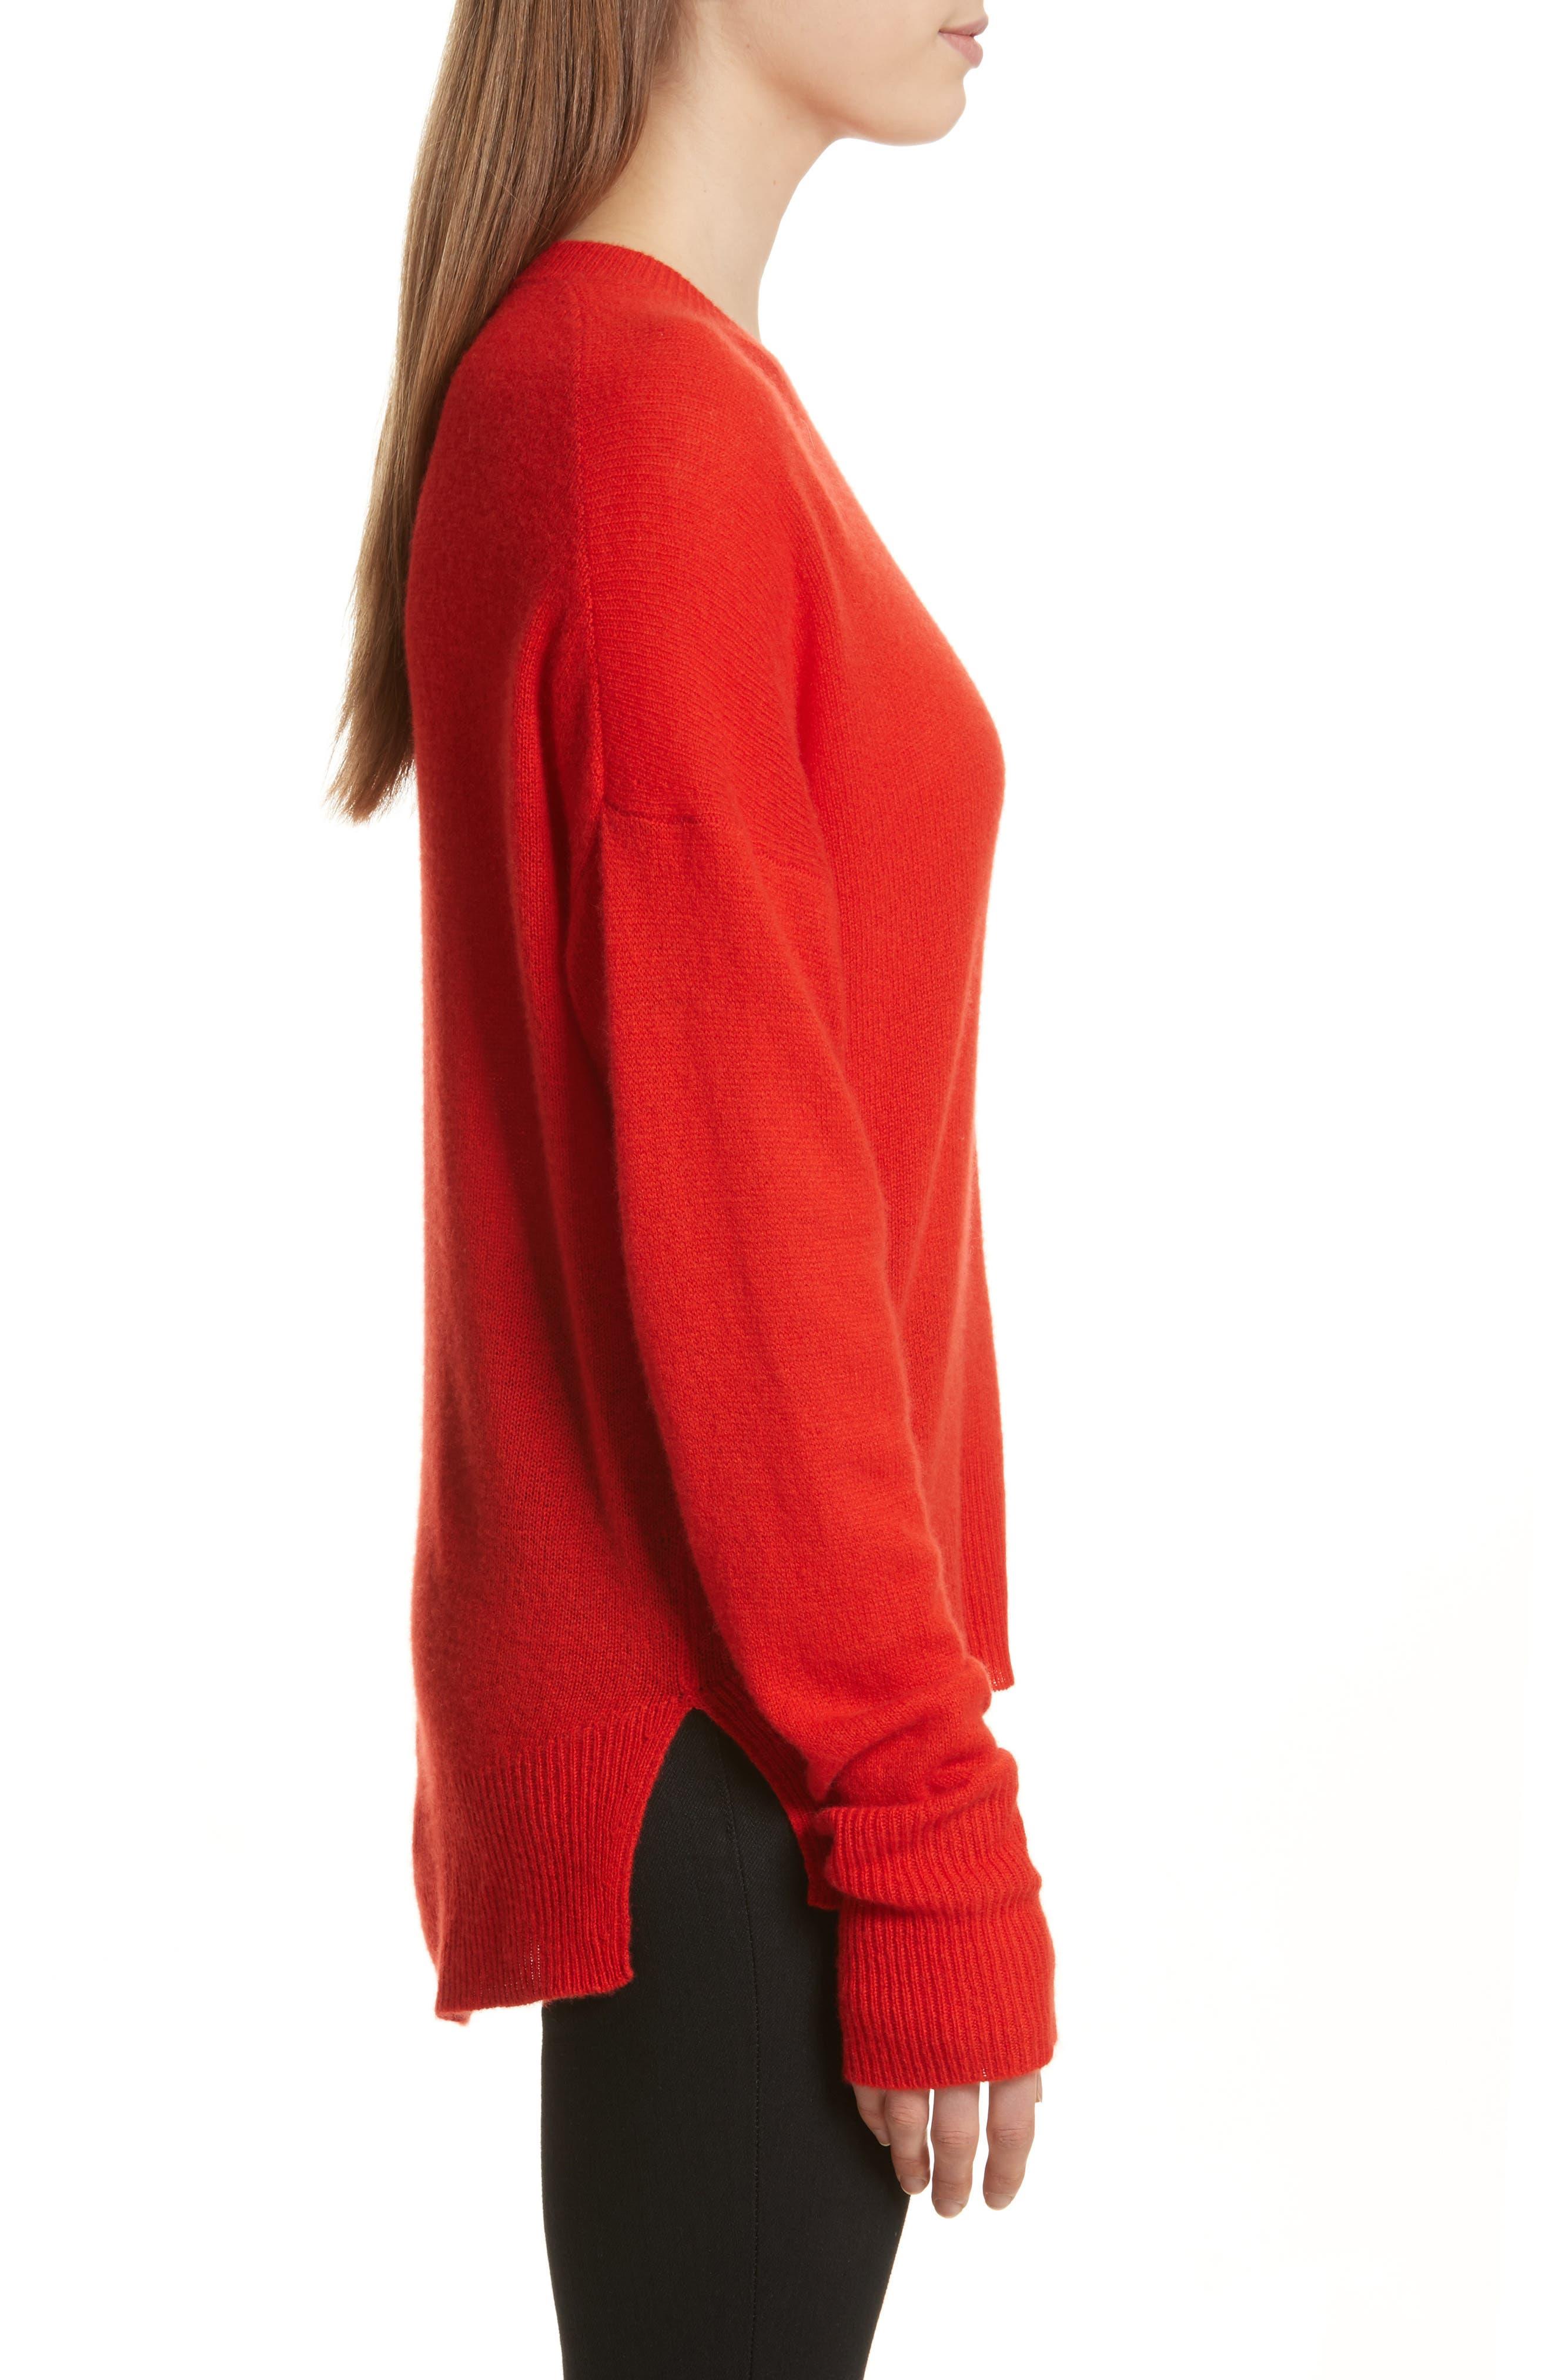 Karenia L Cashmere Sweater,                             Alternate thumbnail 3, color,                             Bight Tomato